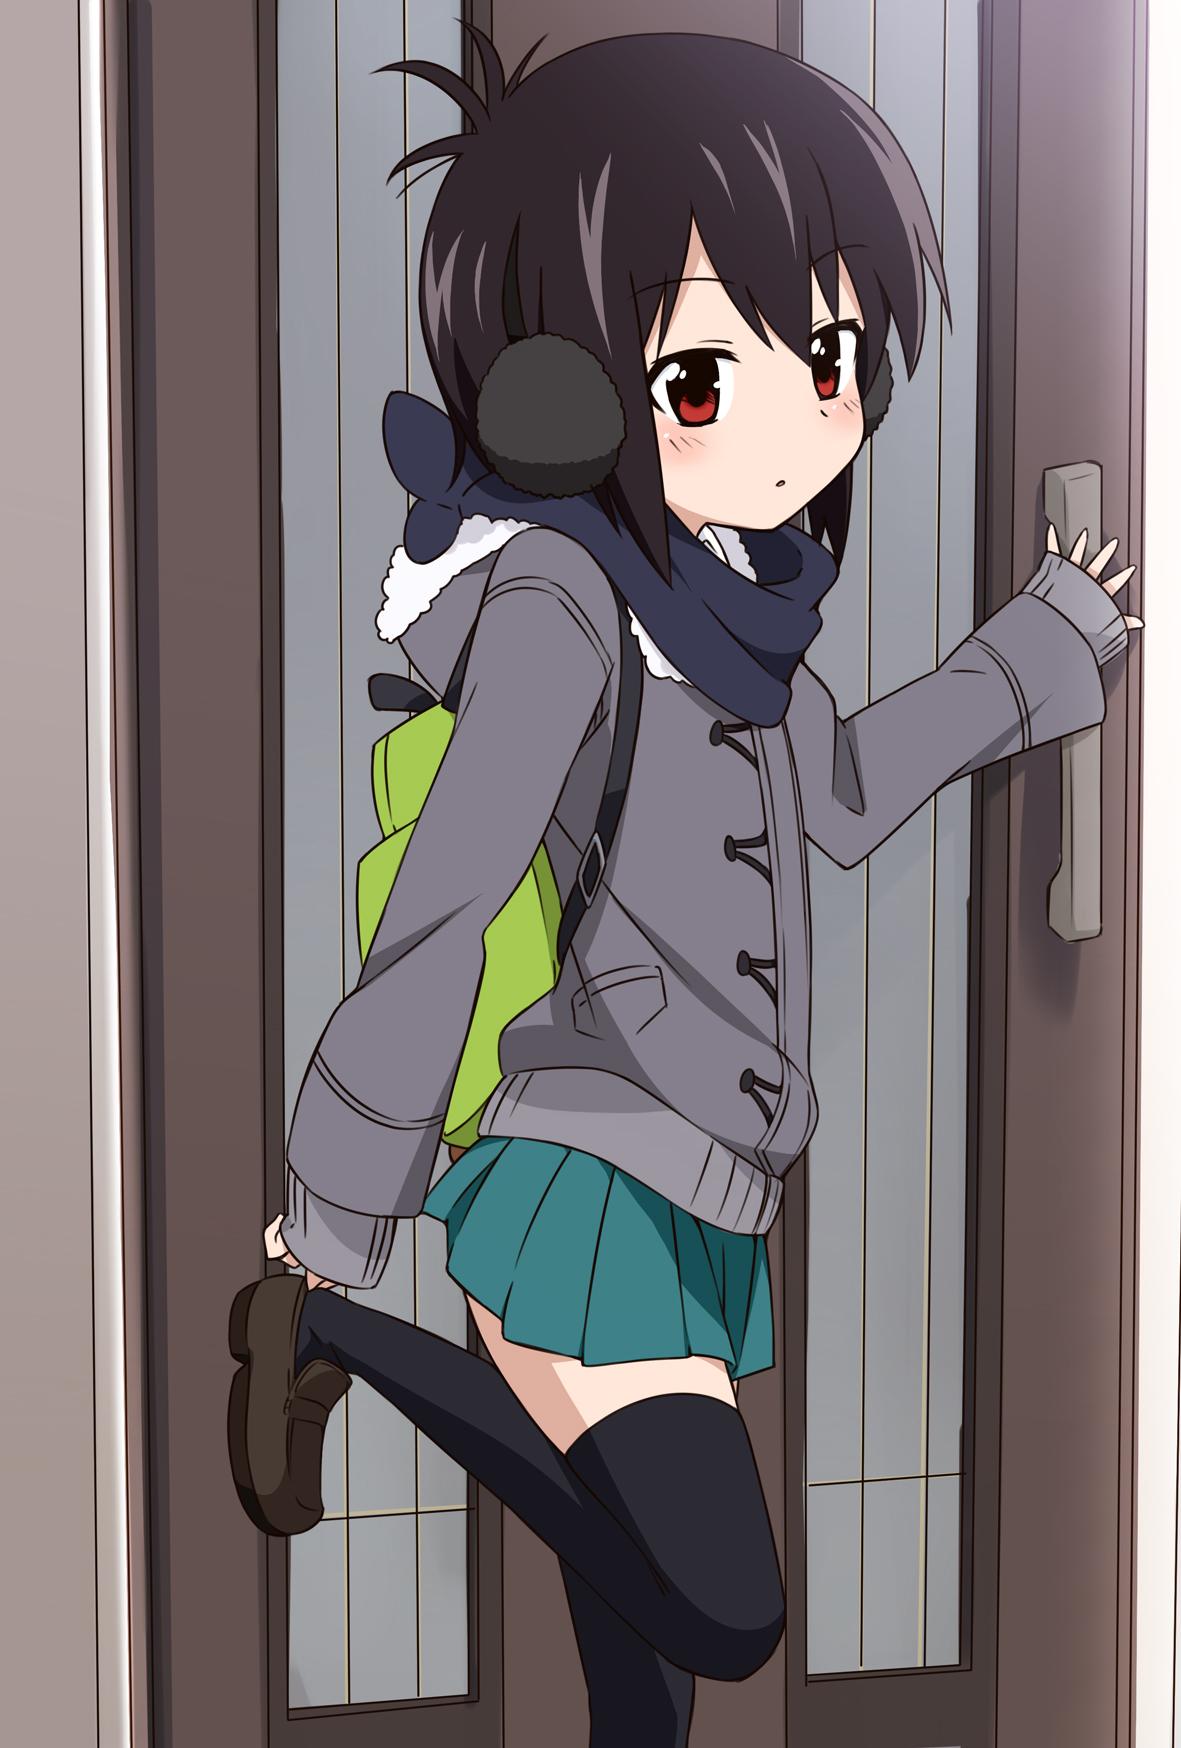 Image Result For Anime Wallpaper Zerochana